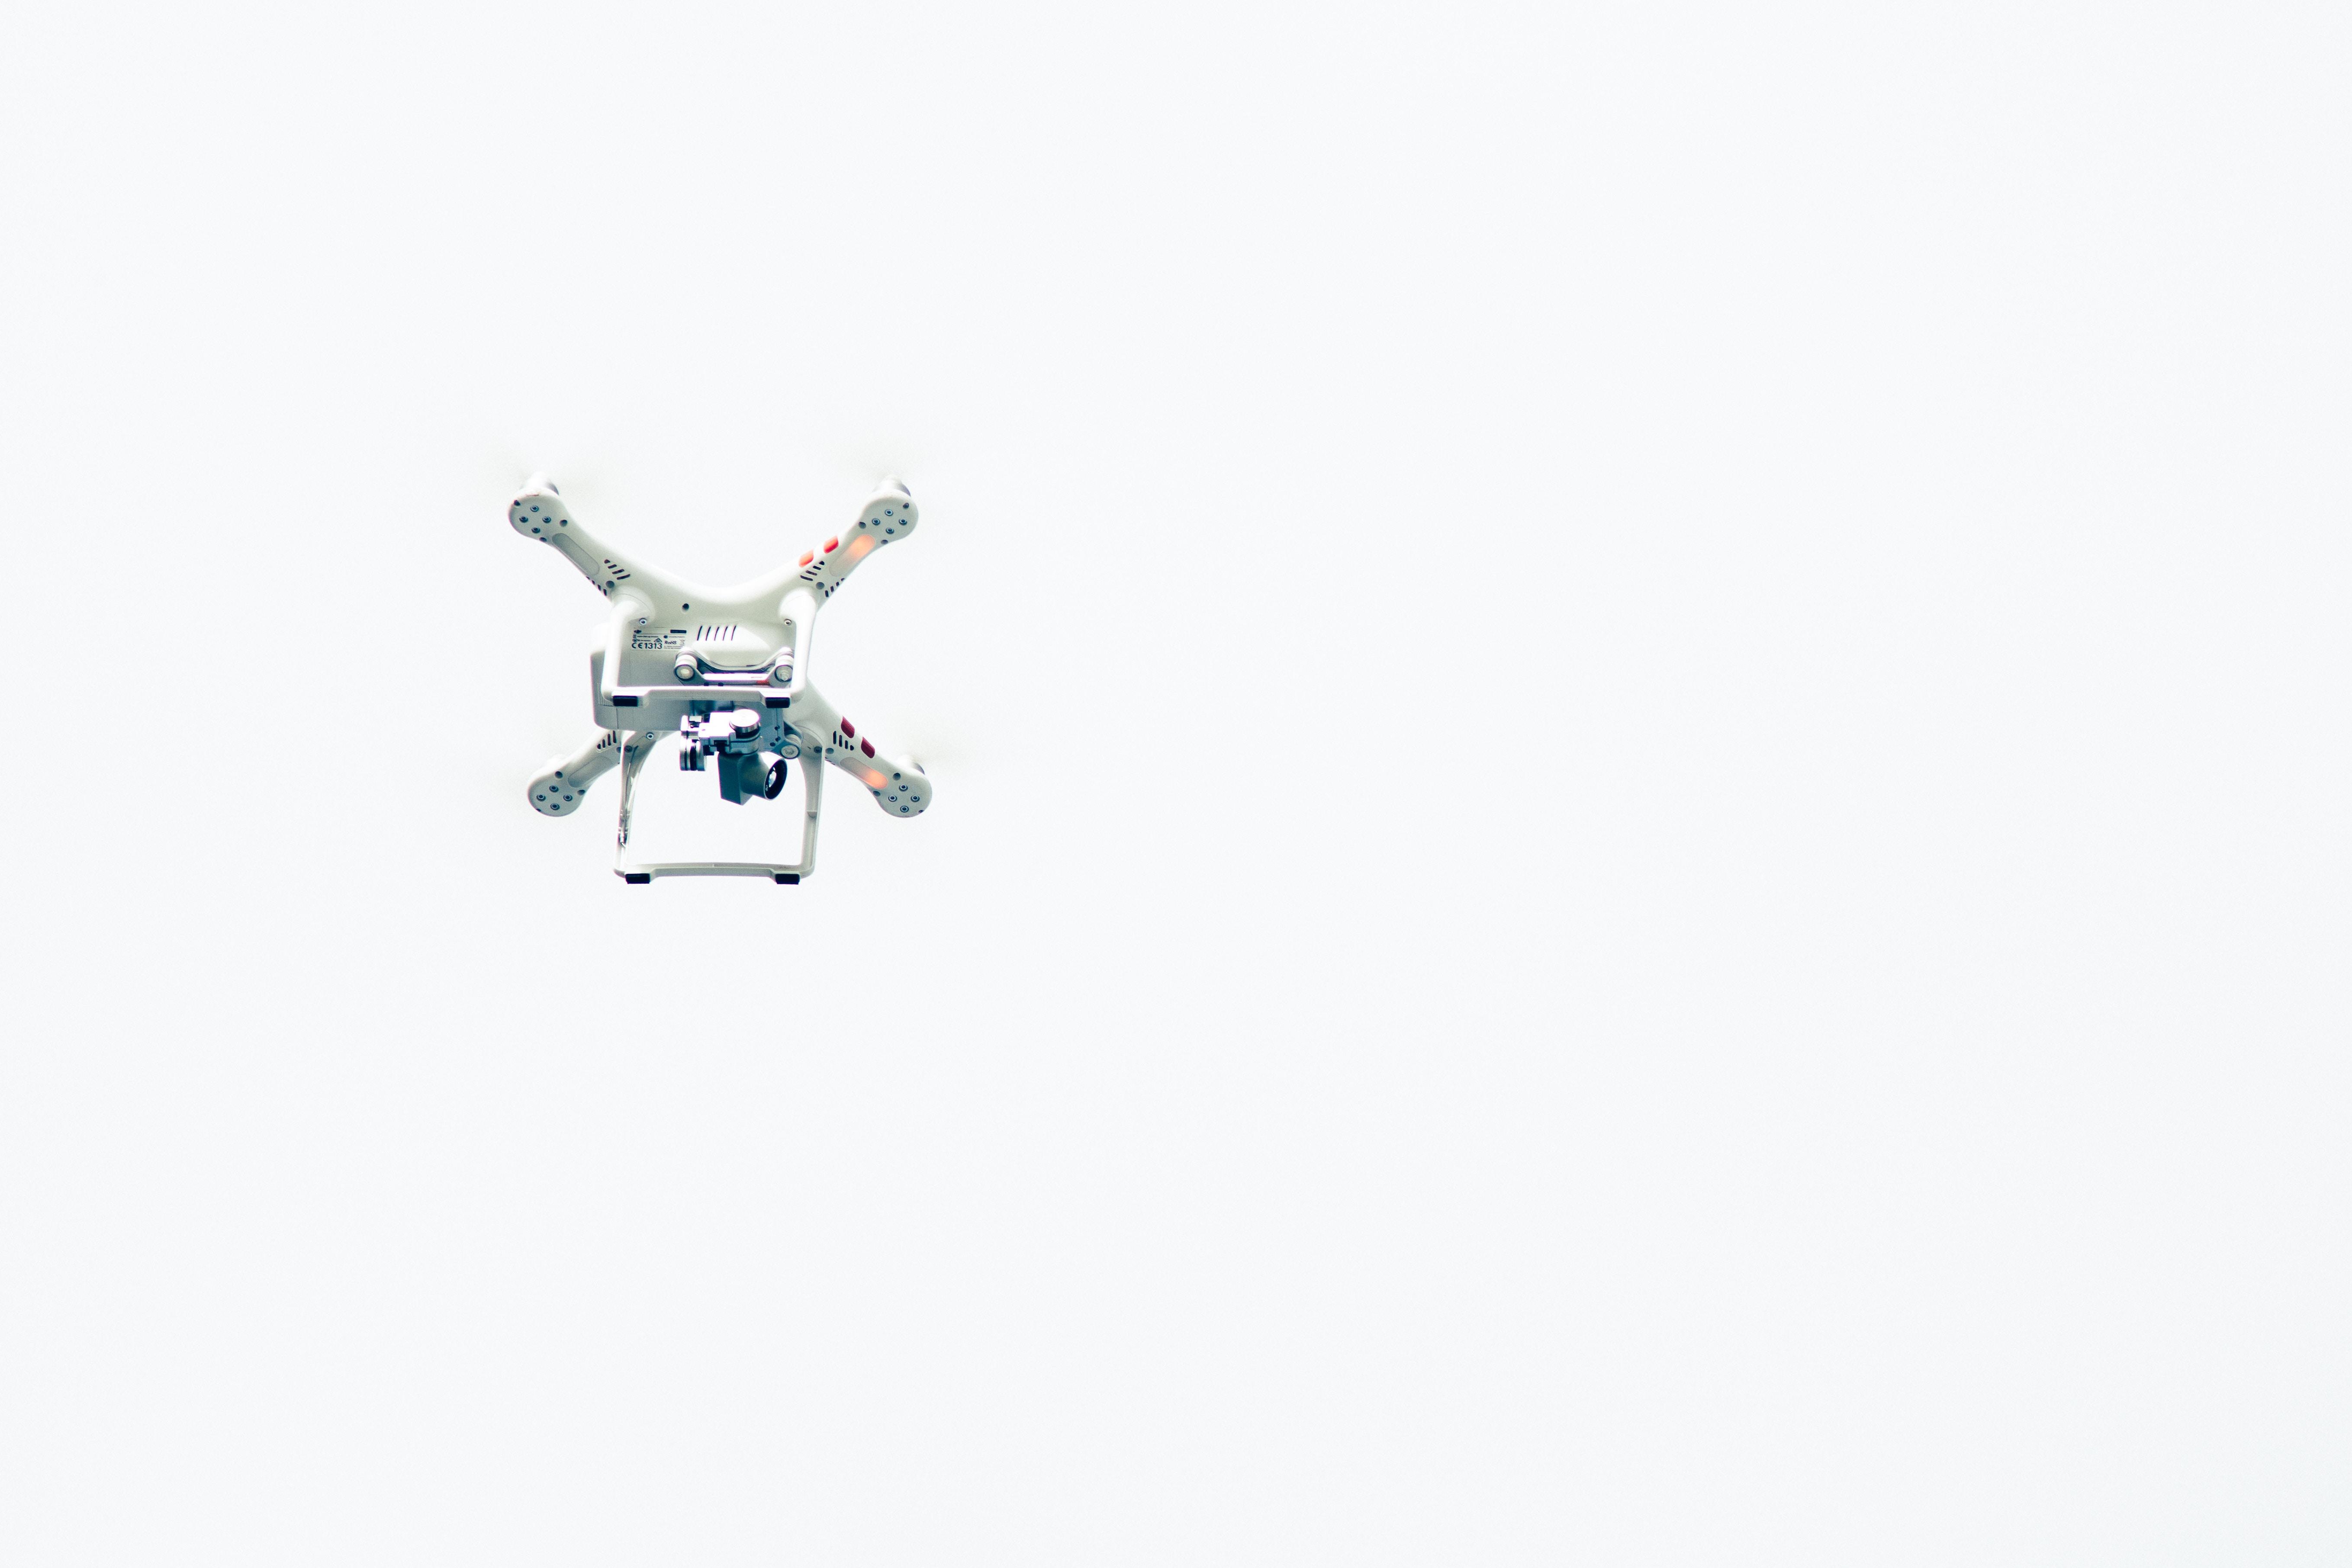 Melhores Micro Drones